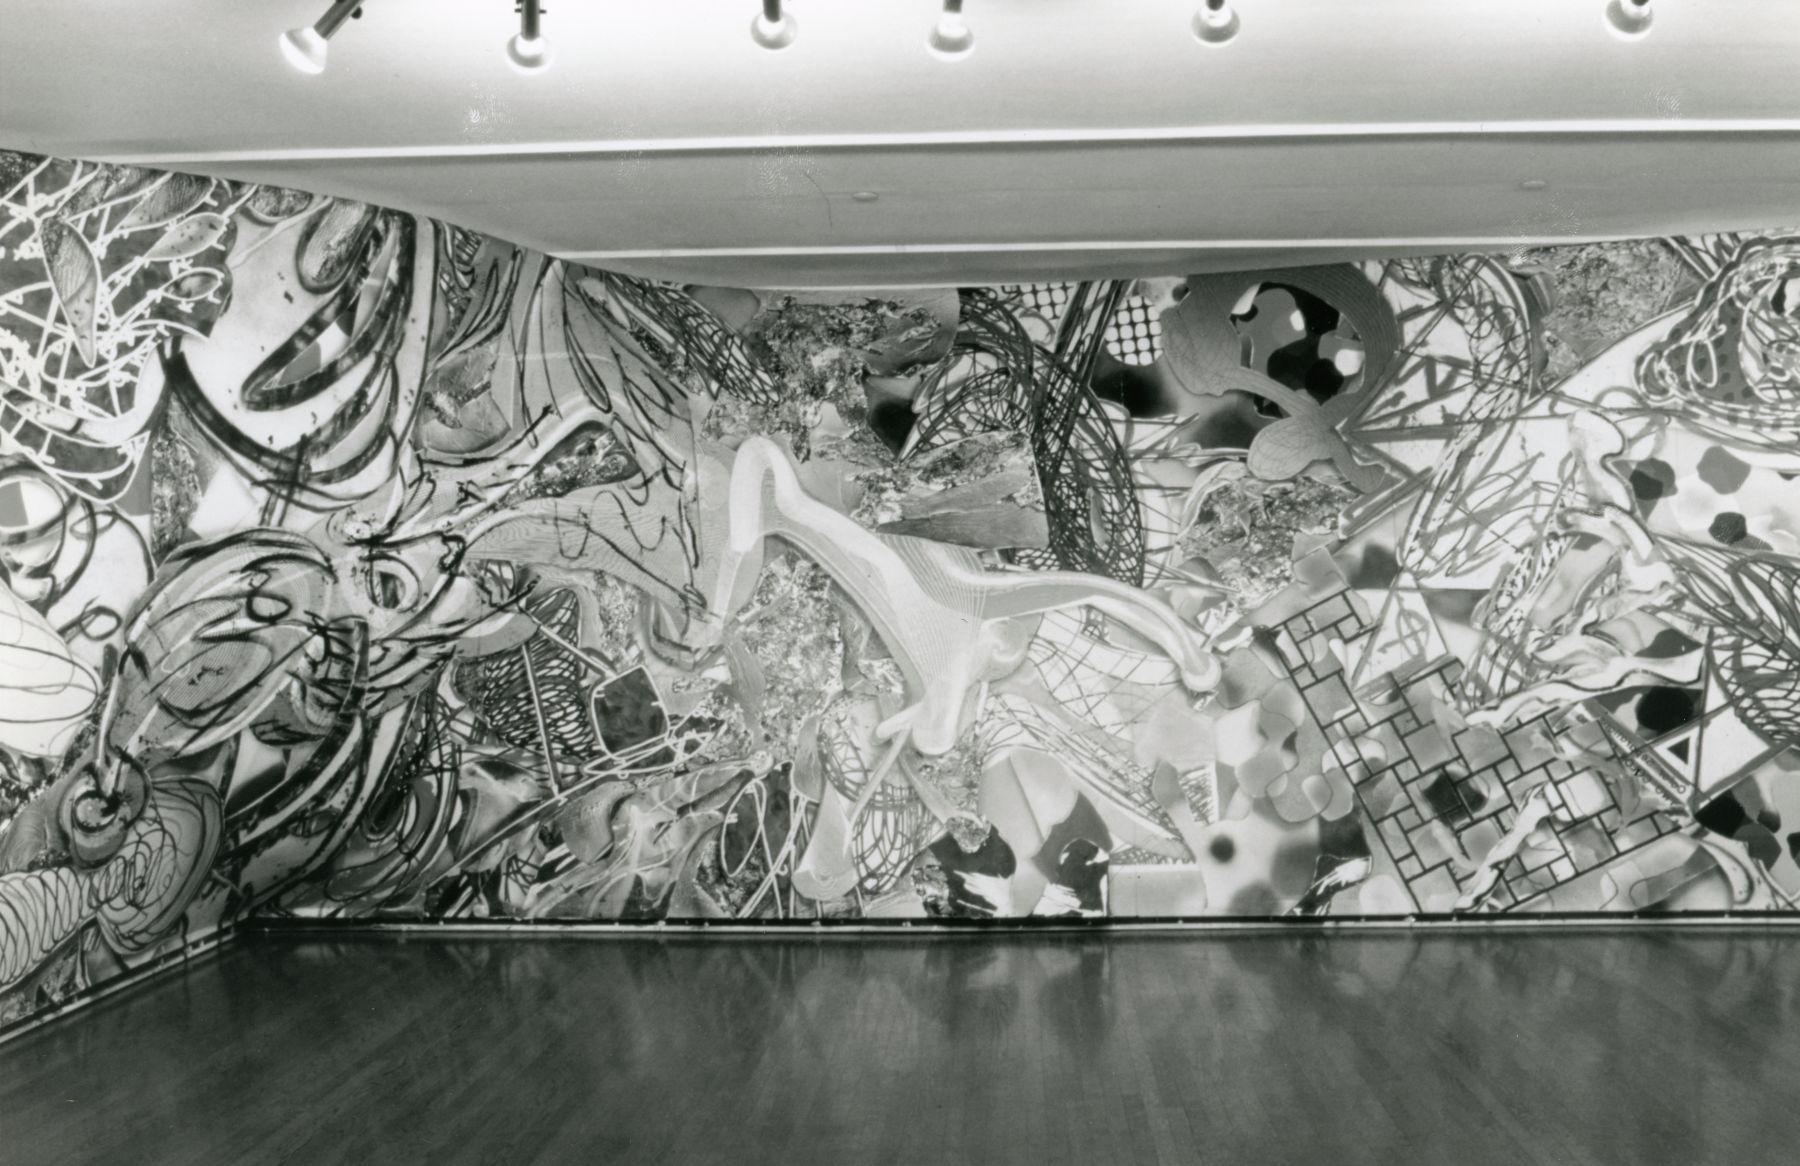 Installation view, Frank Stella: Free Standing Murals, 420 WEST BROADWAY.